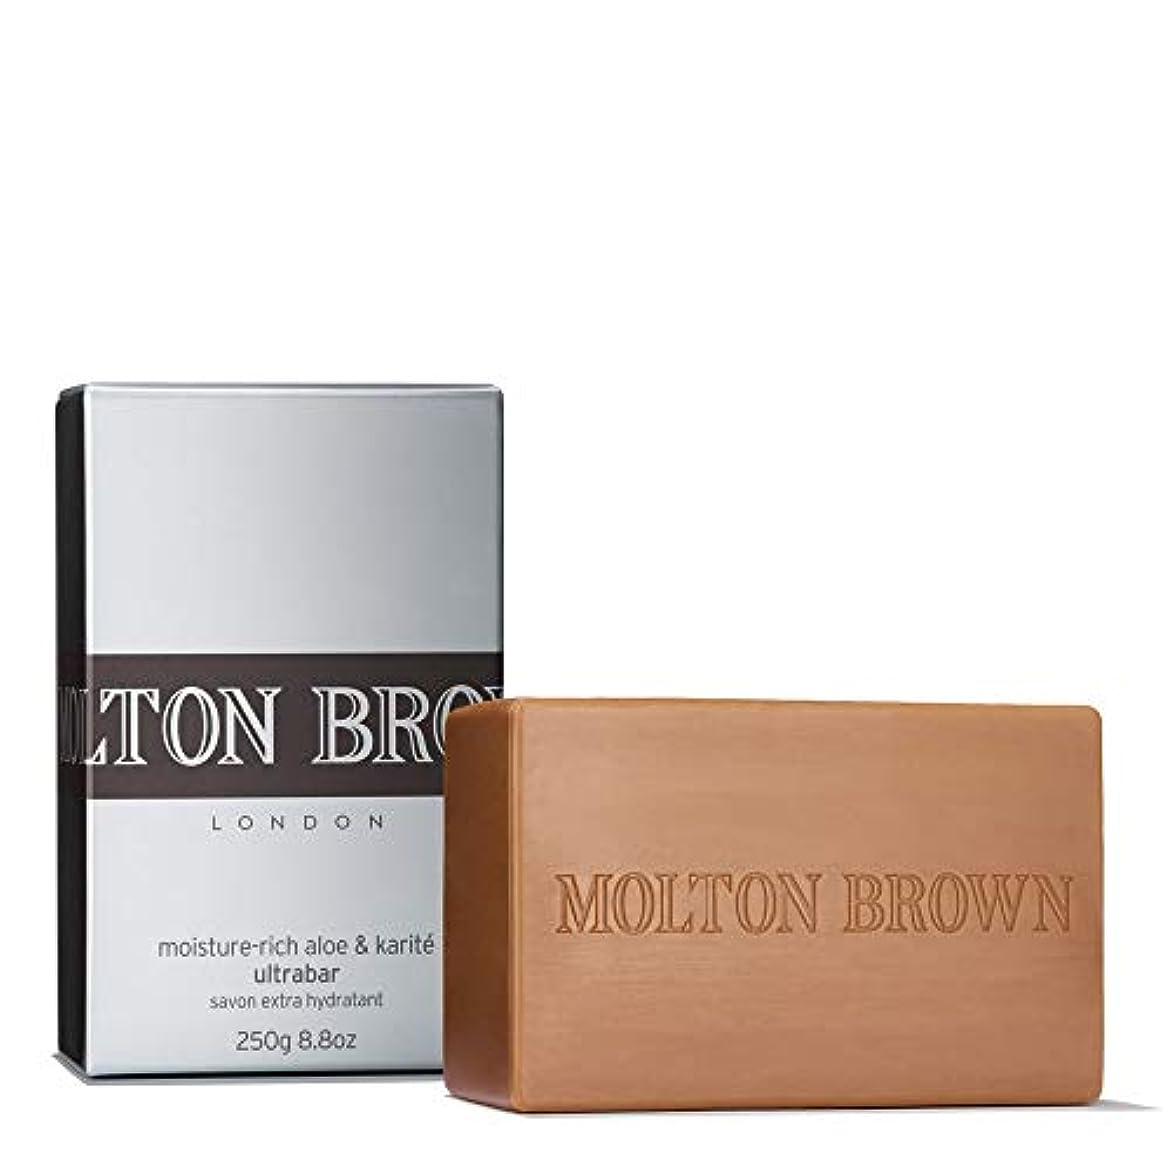 決済交換朝MOLTON BROWN(モルトンブラウン) モイスチャーリッチ アロエ&カリテ ウルトラバー